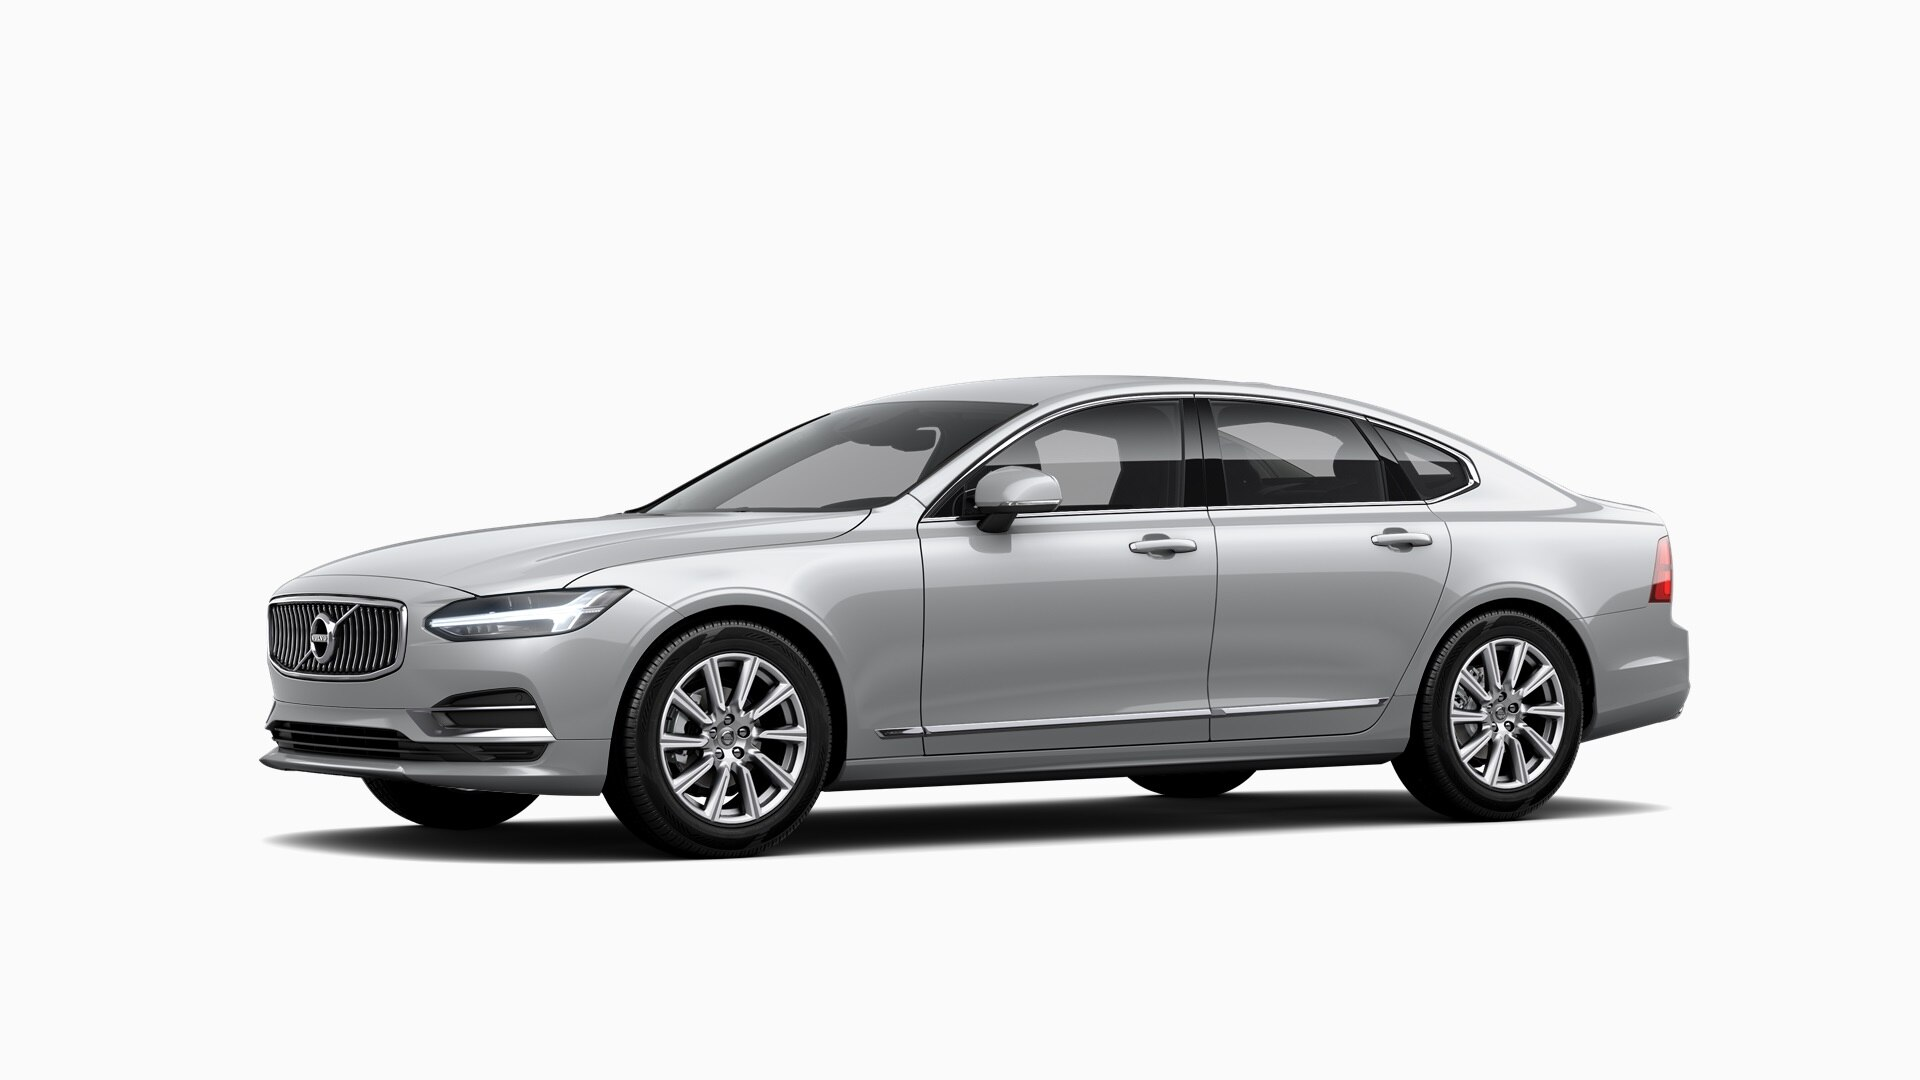 Volvo S90 autoliising | Sixt Leasing